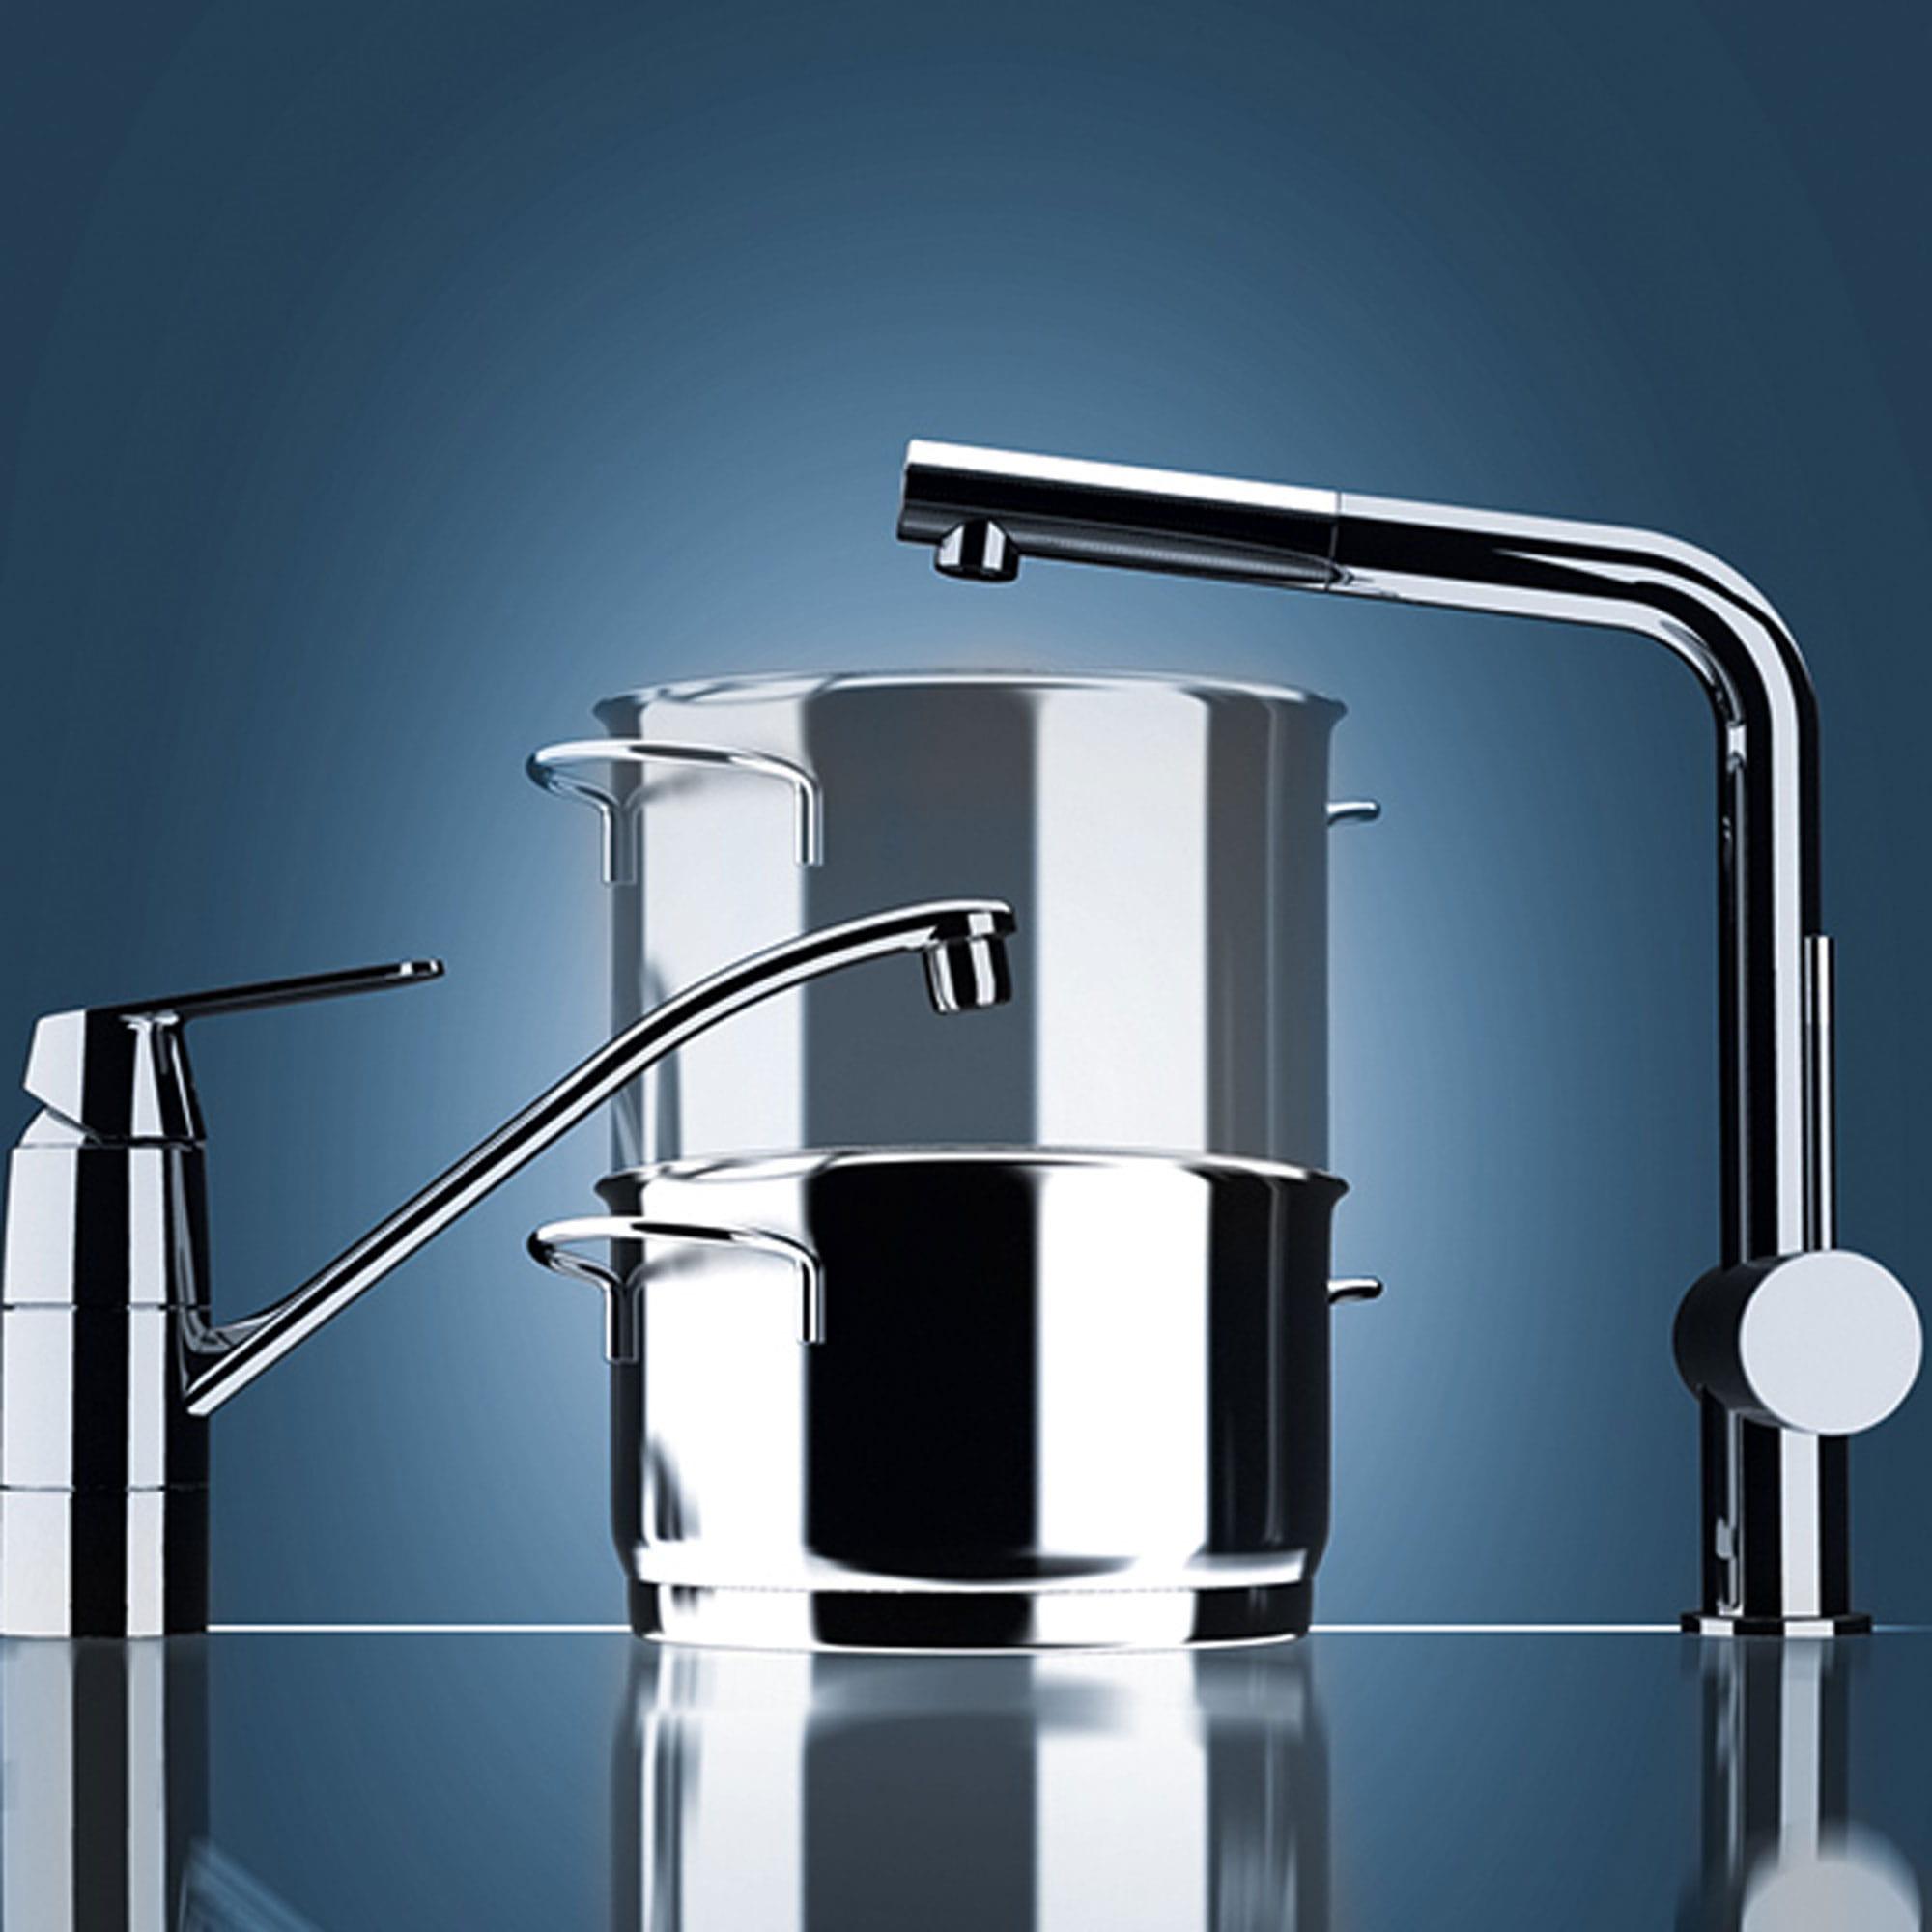 petit robinet et grand robinet pour remplir des pots en arrière-plan